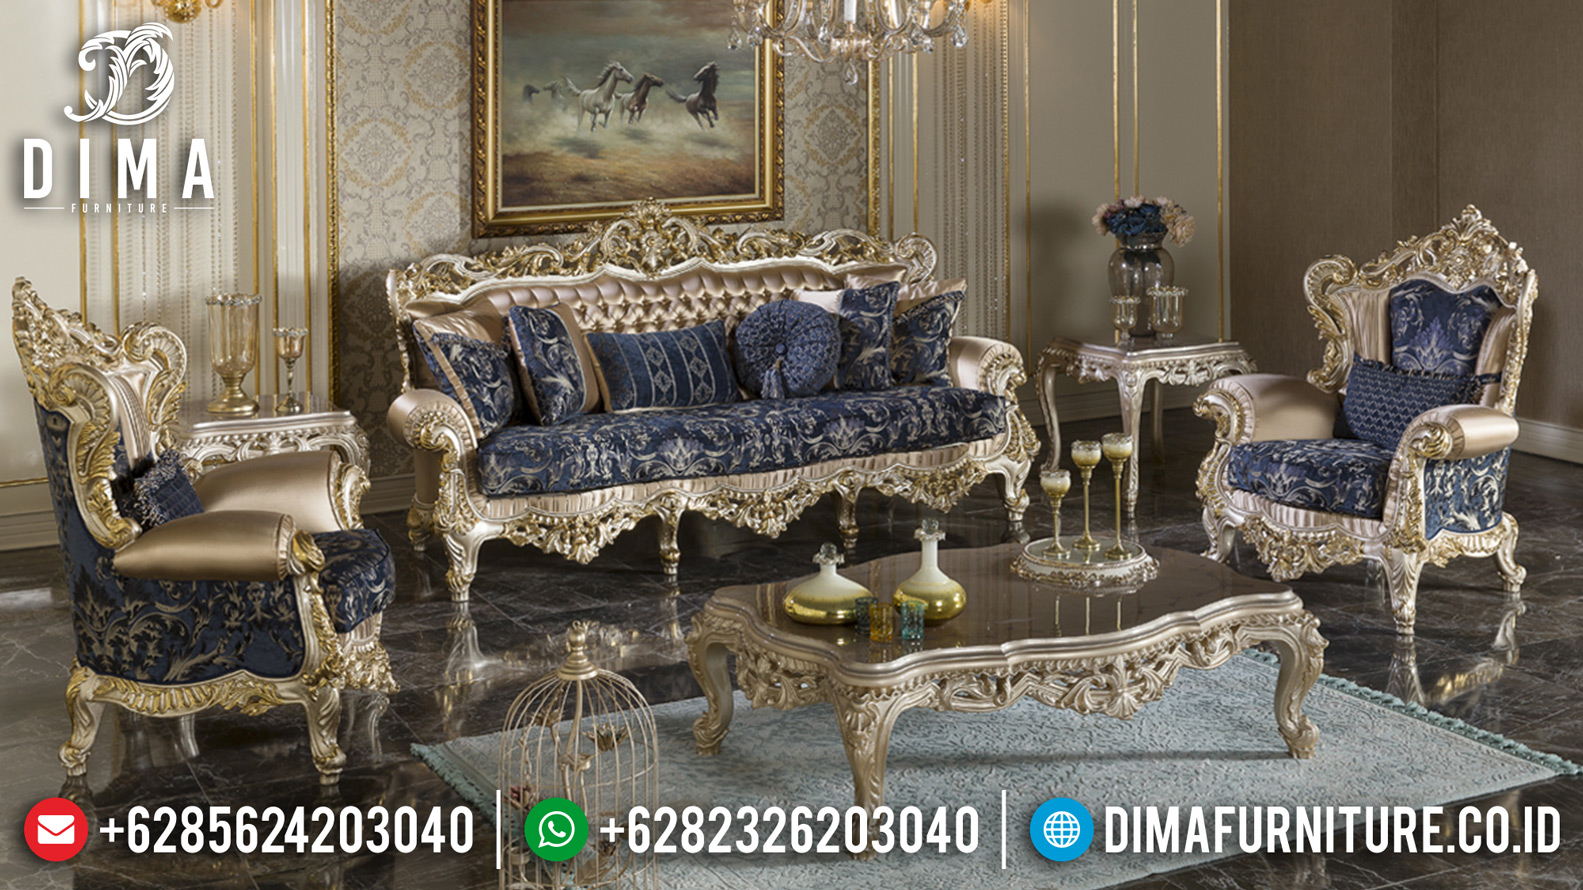 Living Room Furniture Set Sofa Tamu Jepara Mewah Ukir Klasik Lunema MMJ-0043